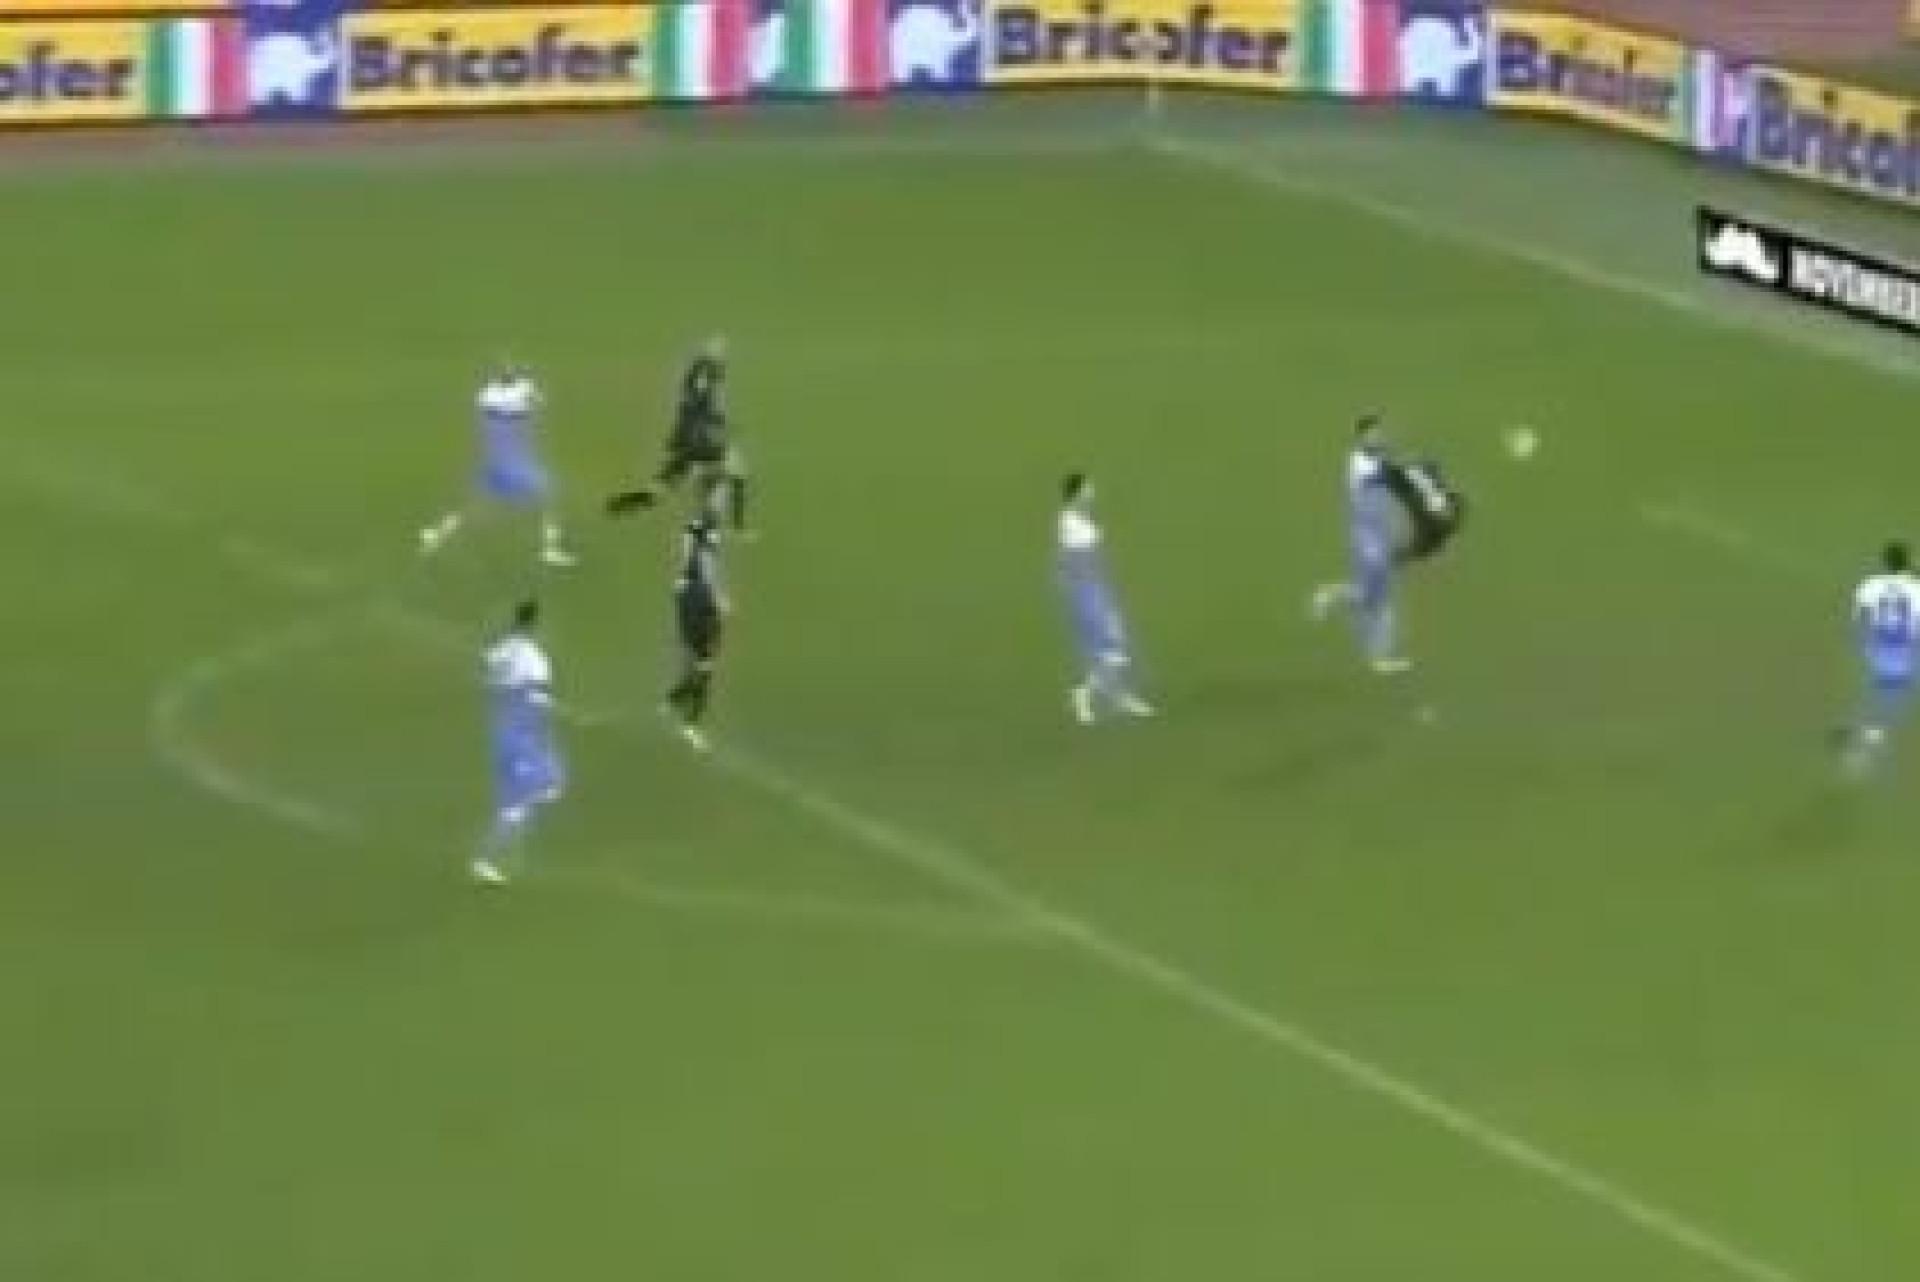 Aos 90+10 também vale? Eis o golaço do empate da Sampdoria